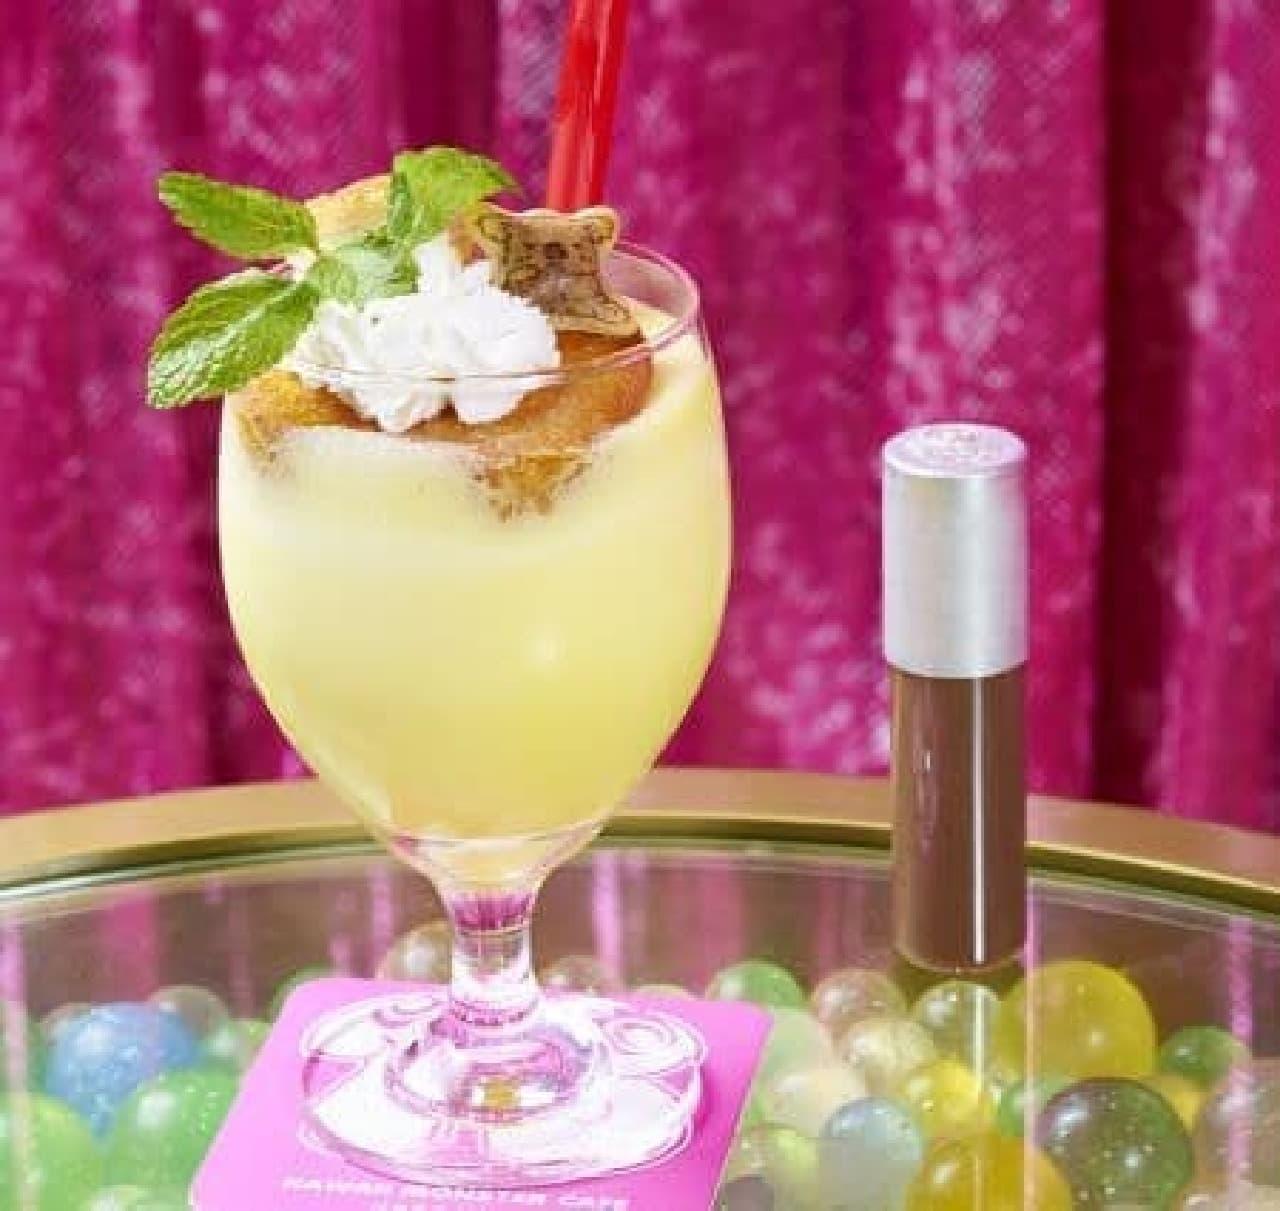 「Ghanaバナーナシェイク」は、カスタードケーキの島に「コアラのマーチ」が乗ったフレッシュバナナジュース